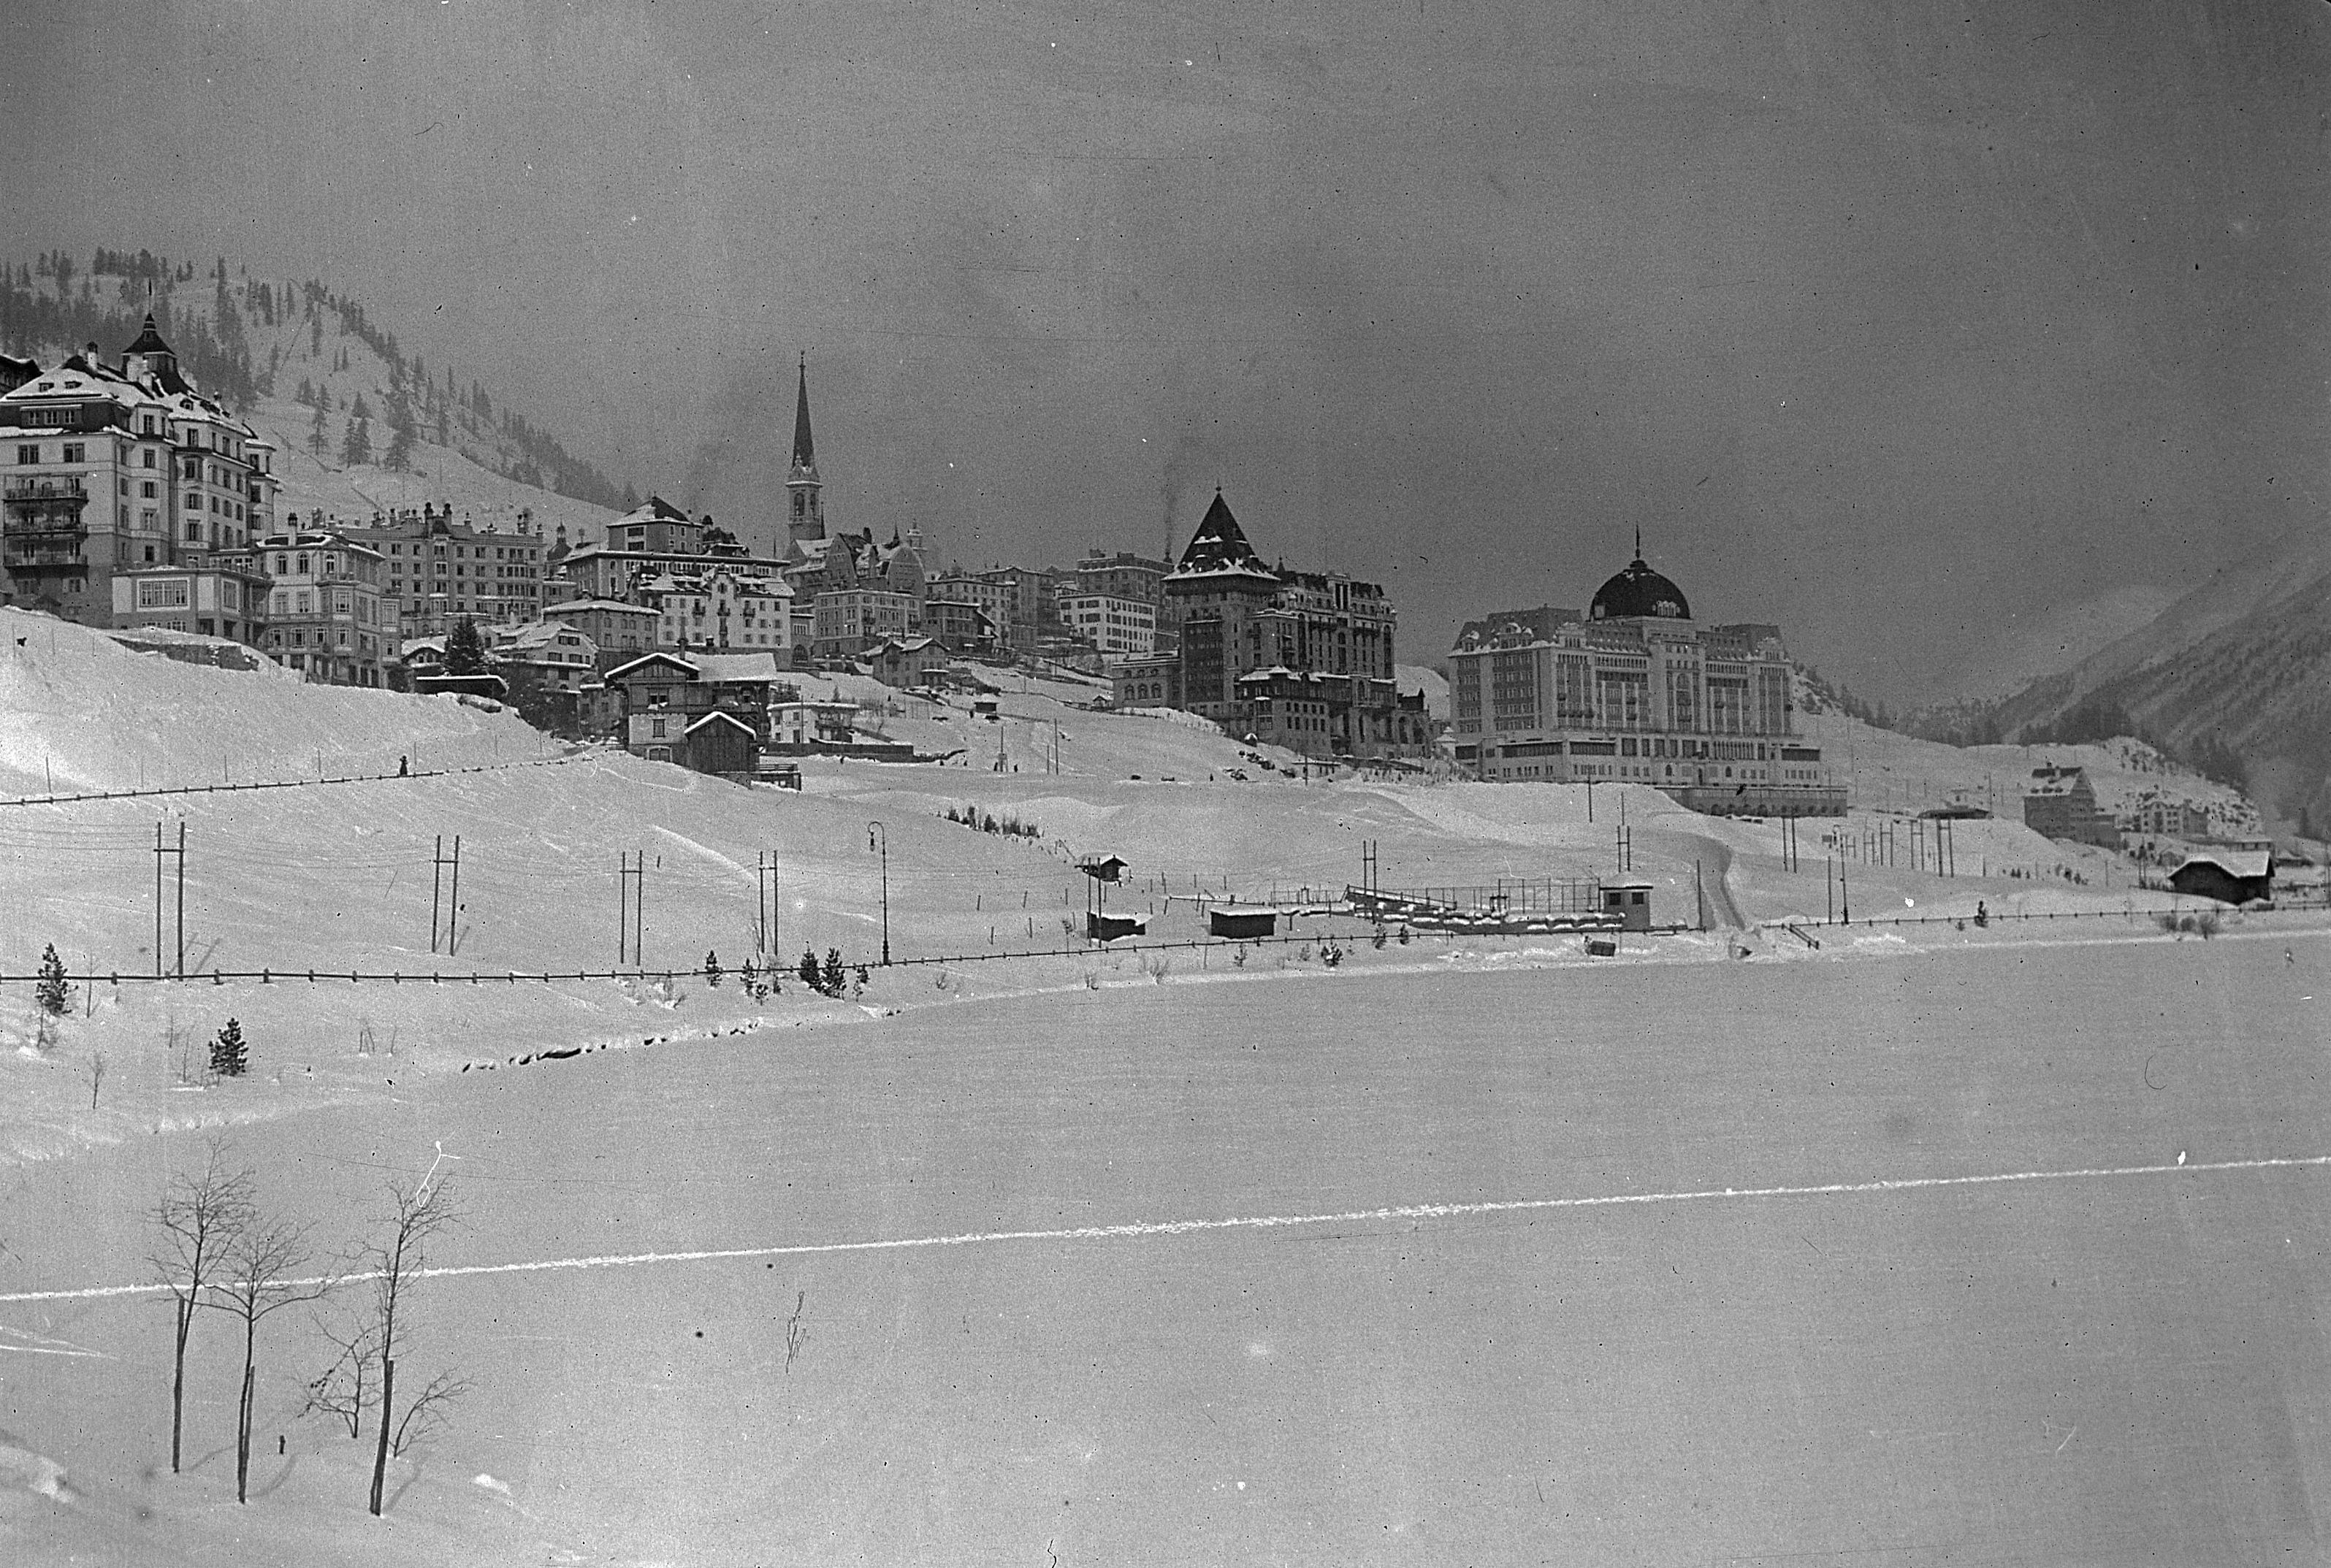 Сто лет назад здесь на удивление многим уже построили первые крупные отели. Фото 1917 года. Источник https://upload.wikimedia.org/